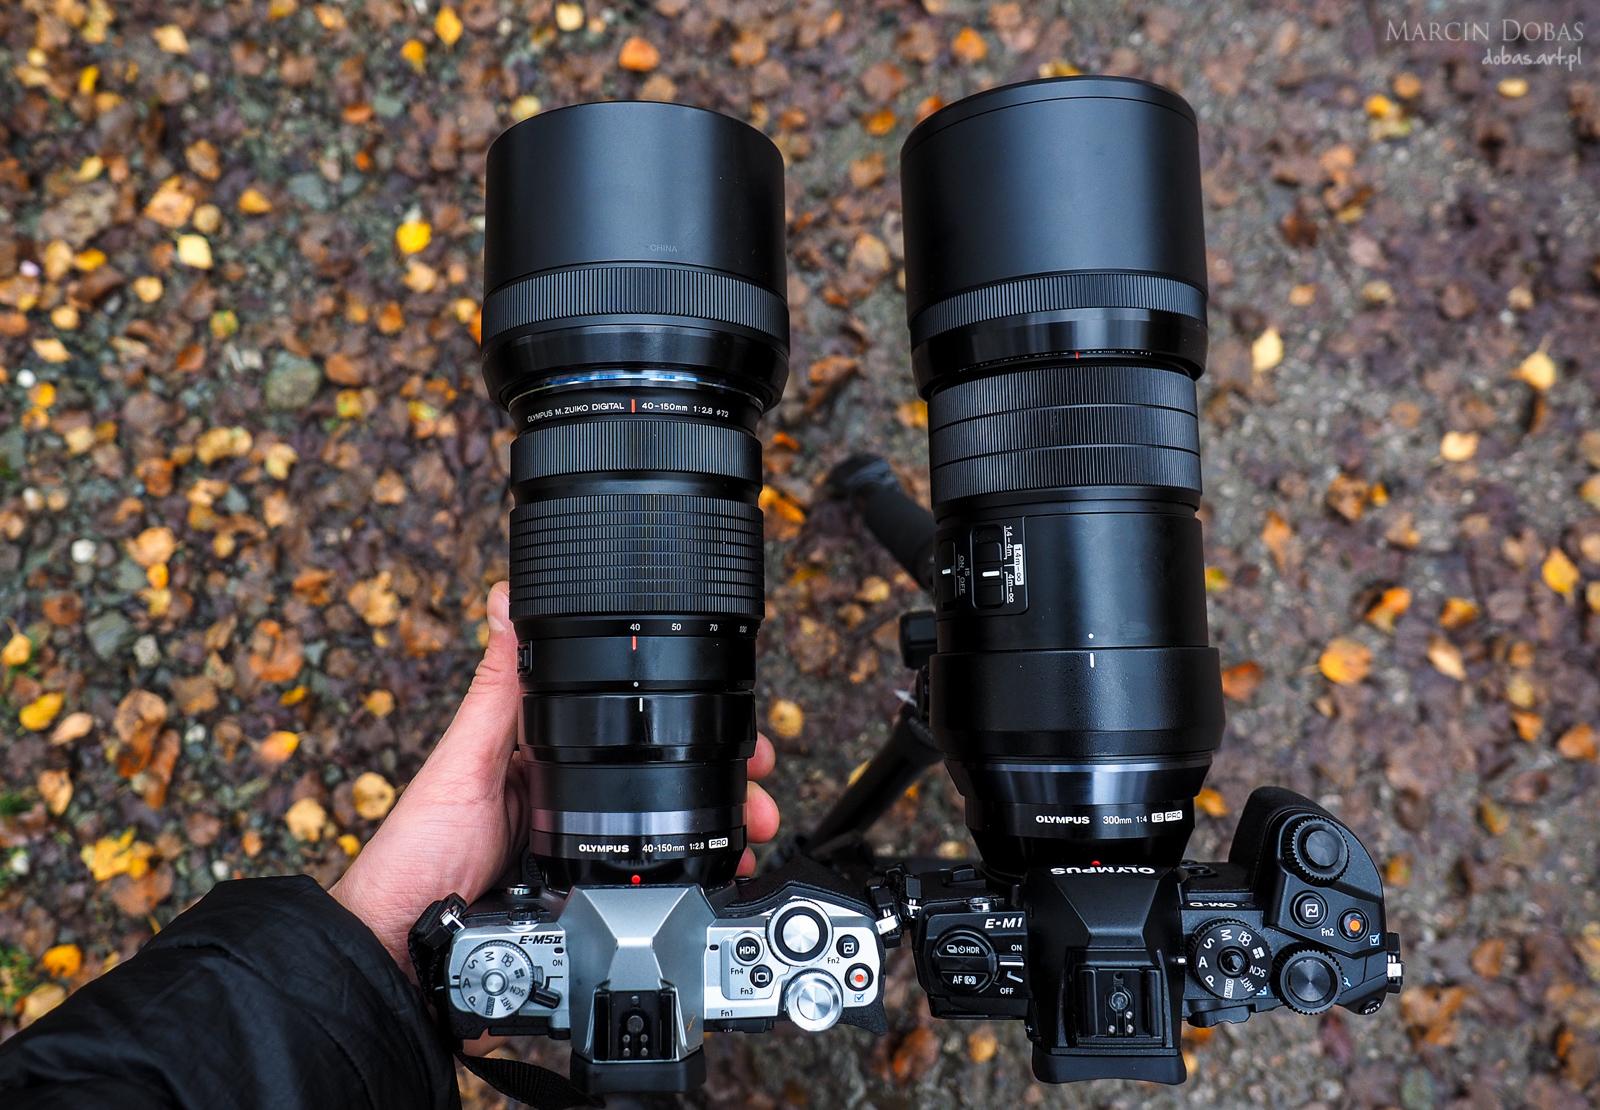 mzd 300 f/4 vs mZD 40-150 f/2.8